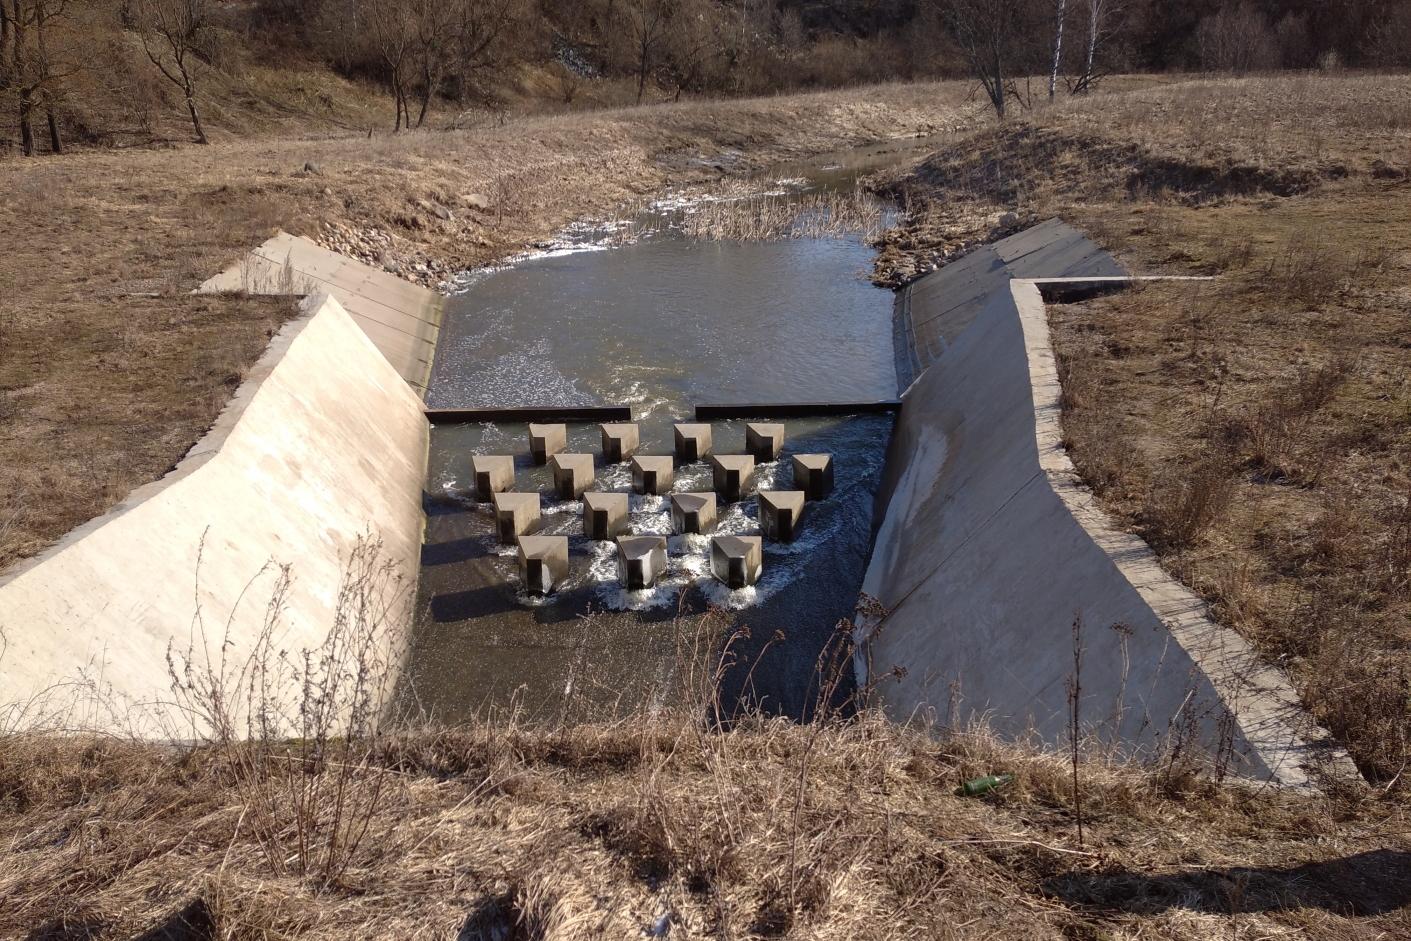 Комиссия обследовала 6 гидротехнических сооружений в Ярославской области